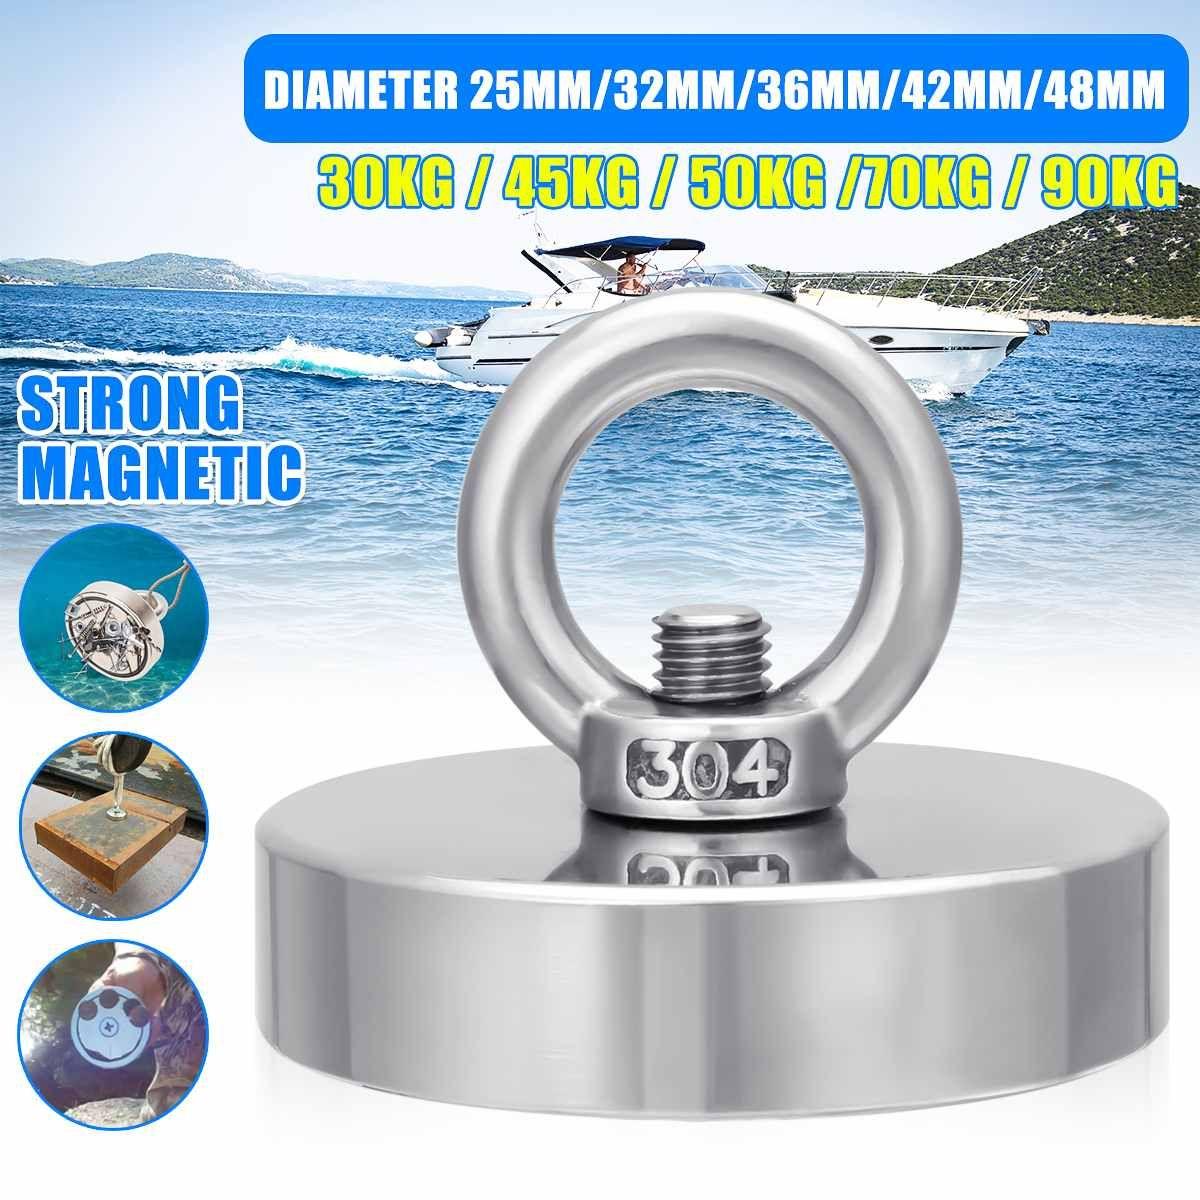 D120mm 600kg forte récupération néodyme aimant pêche Deap mer récupération récupération récupération trésor chasse aimant